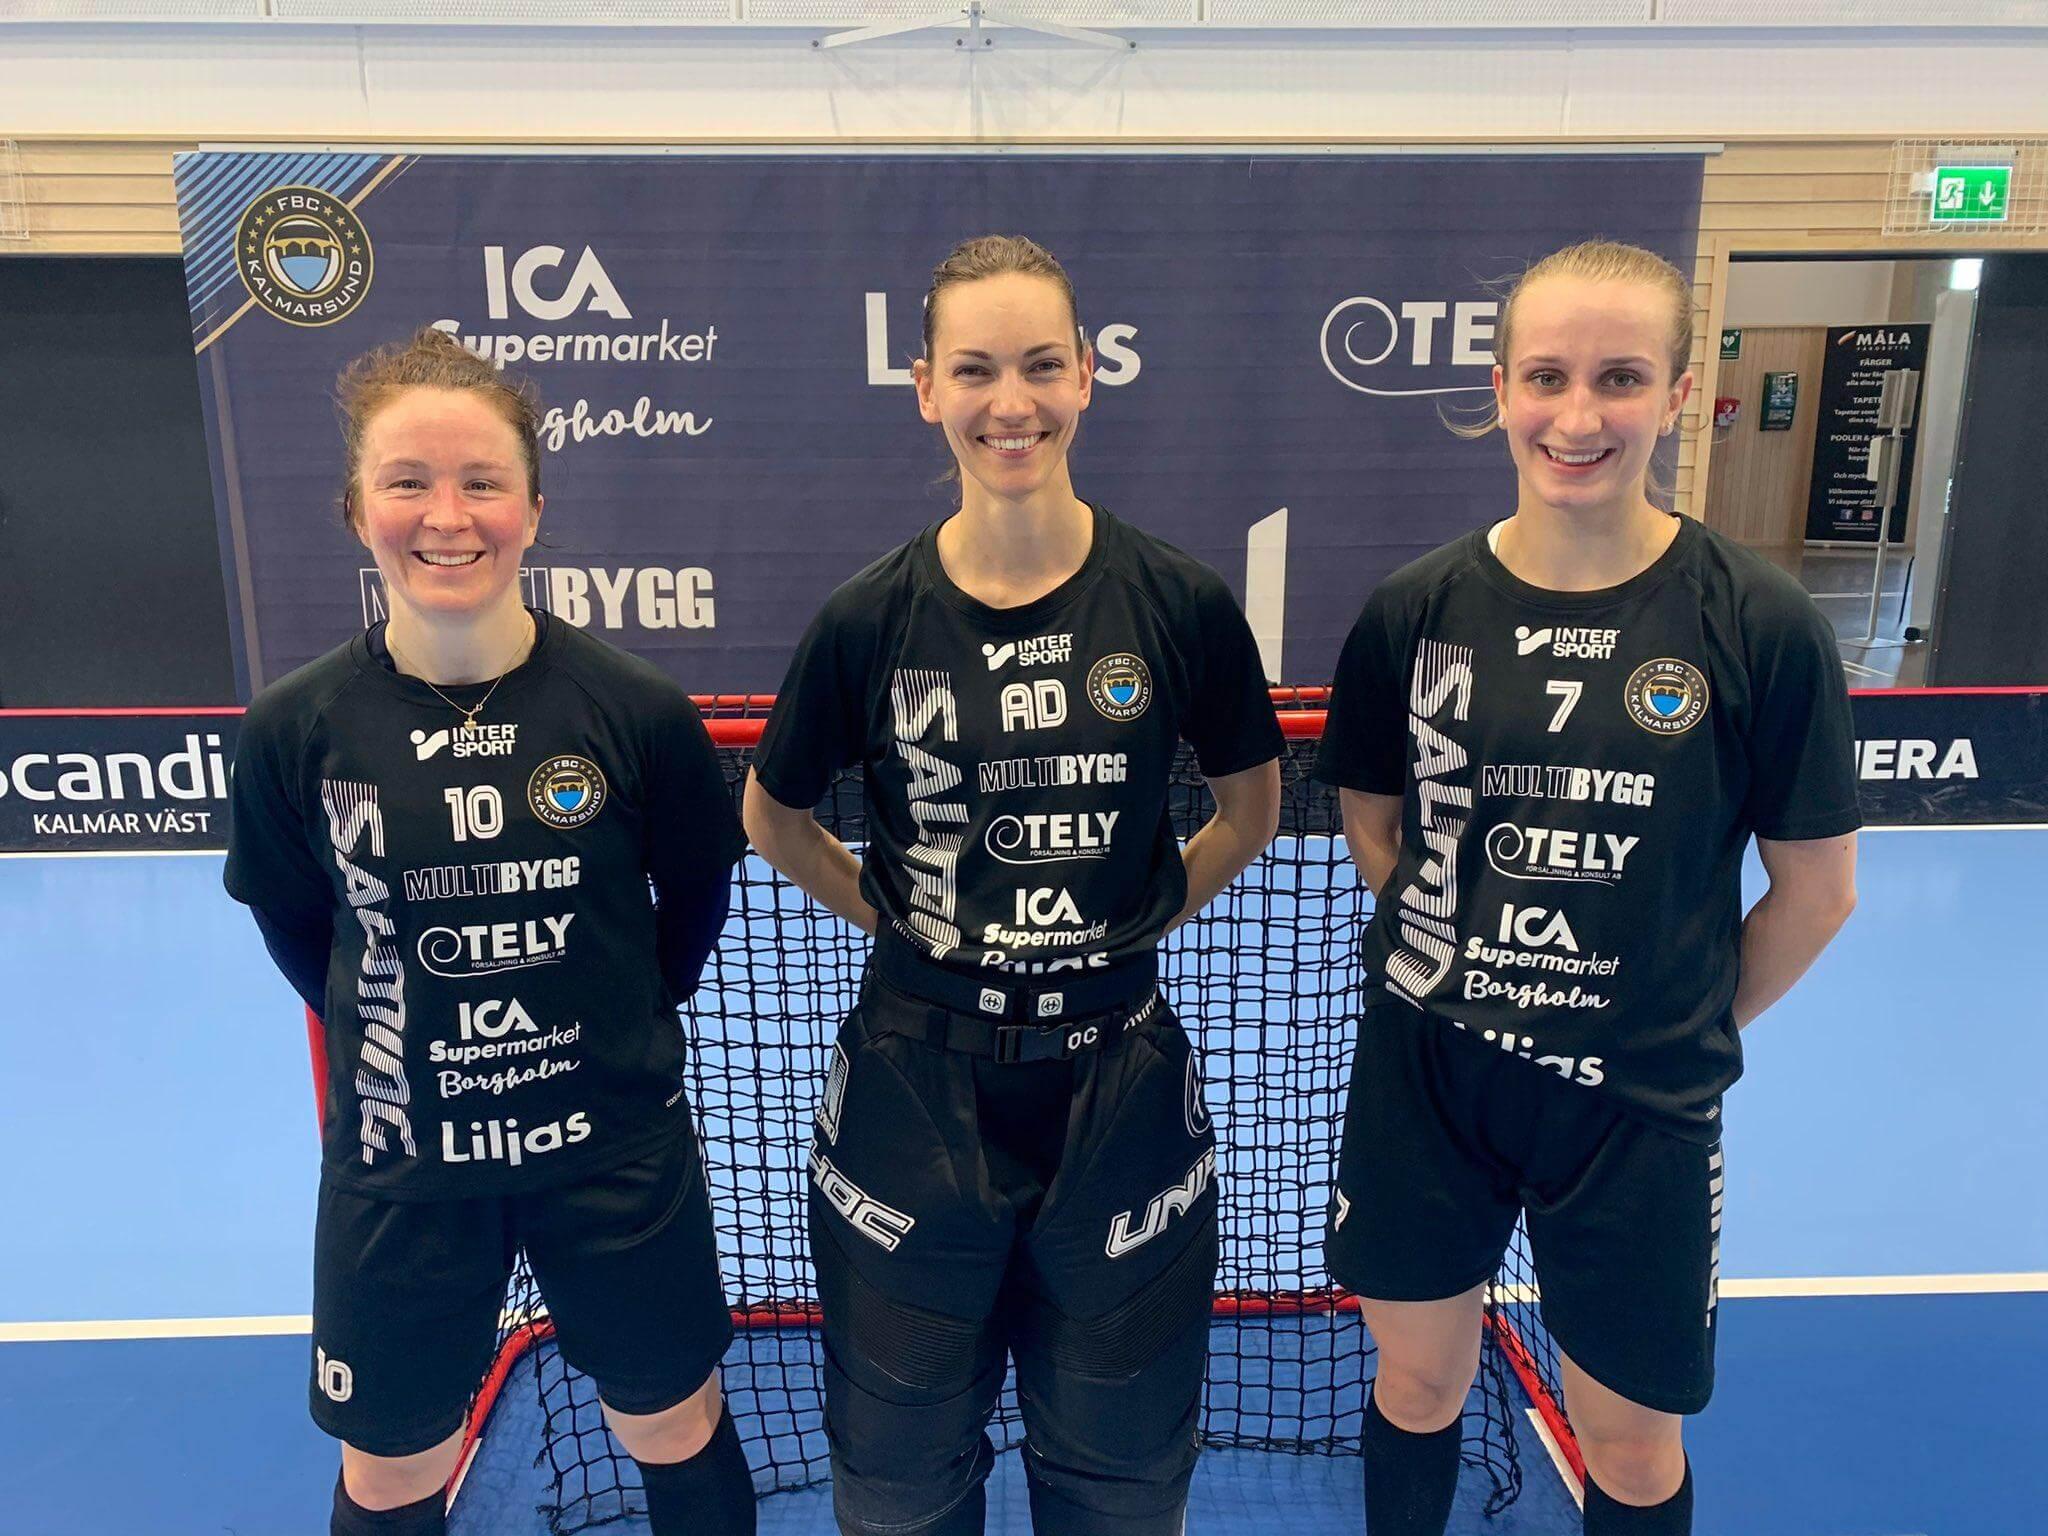 De norske spillerne er på plass i Kalmarsund. Foto: Magnus C. Lydahl